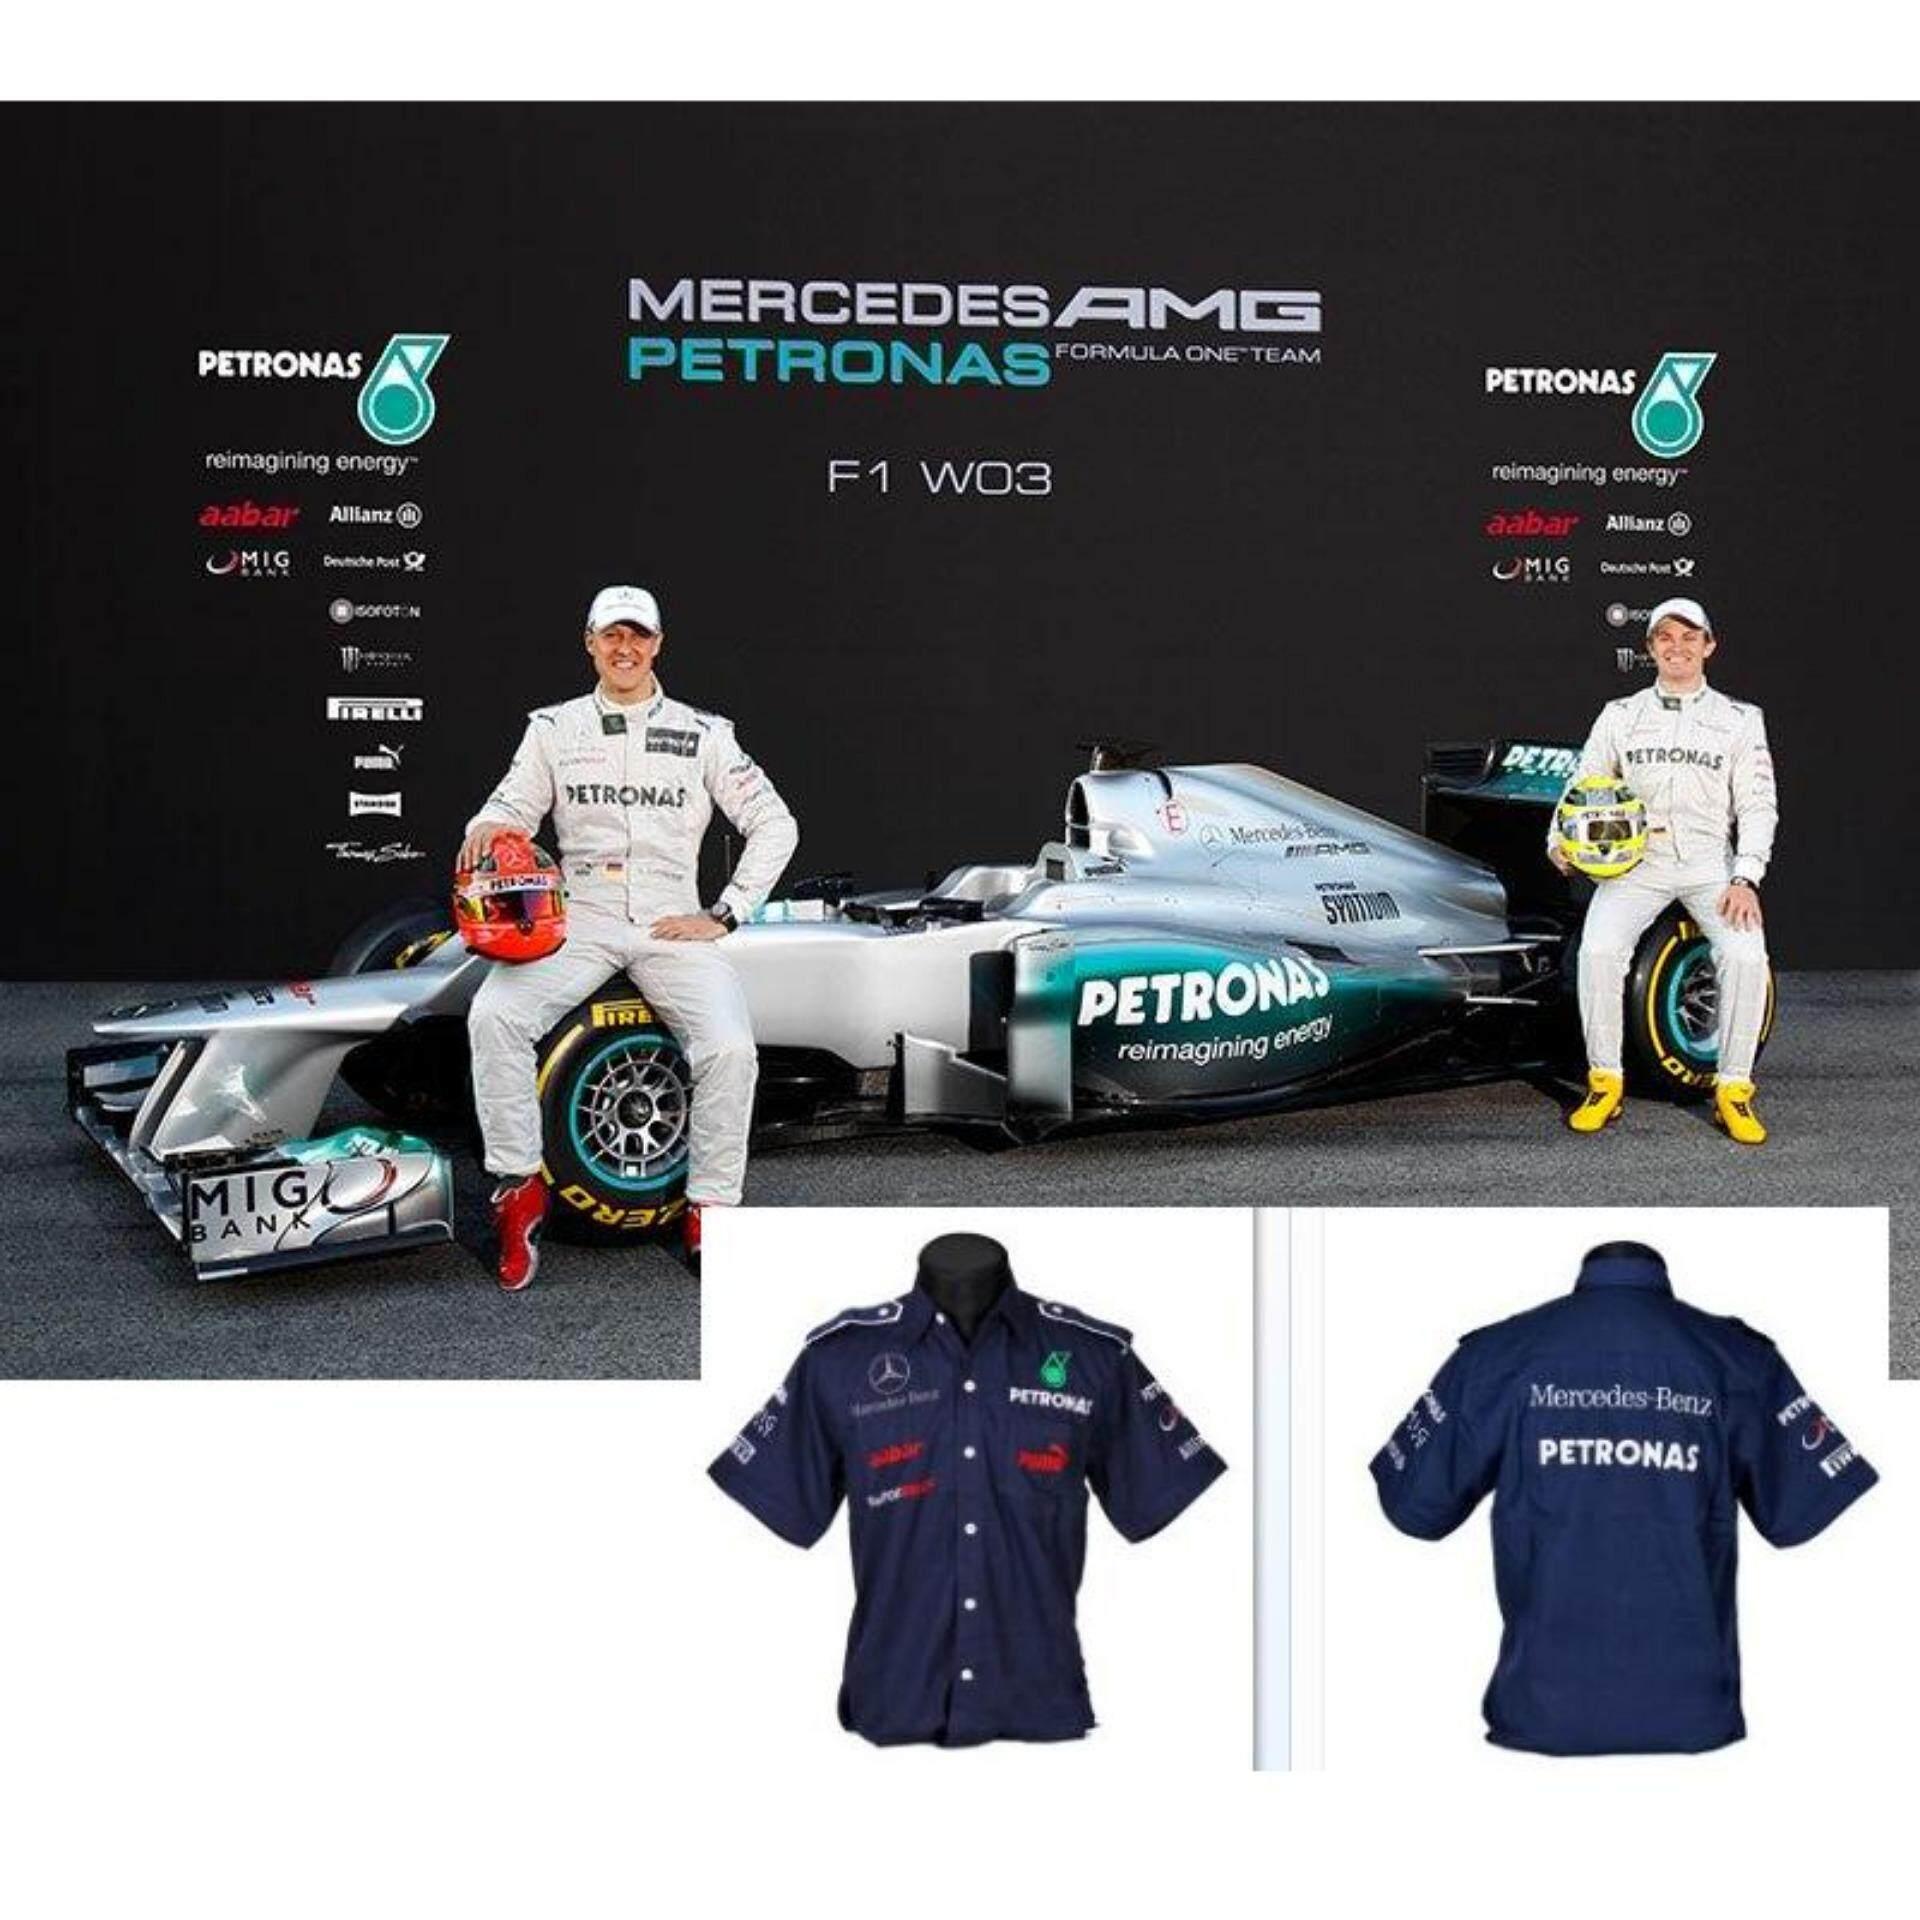 świetne ceny tanie z rabatem autentyczna jakość Mercedes Benz Petronas Winner Racing Team F1 Shirt Blue By PUMA